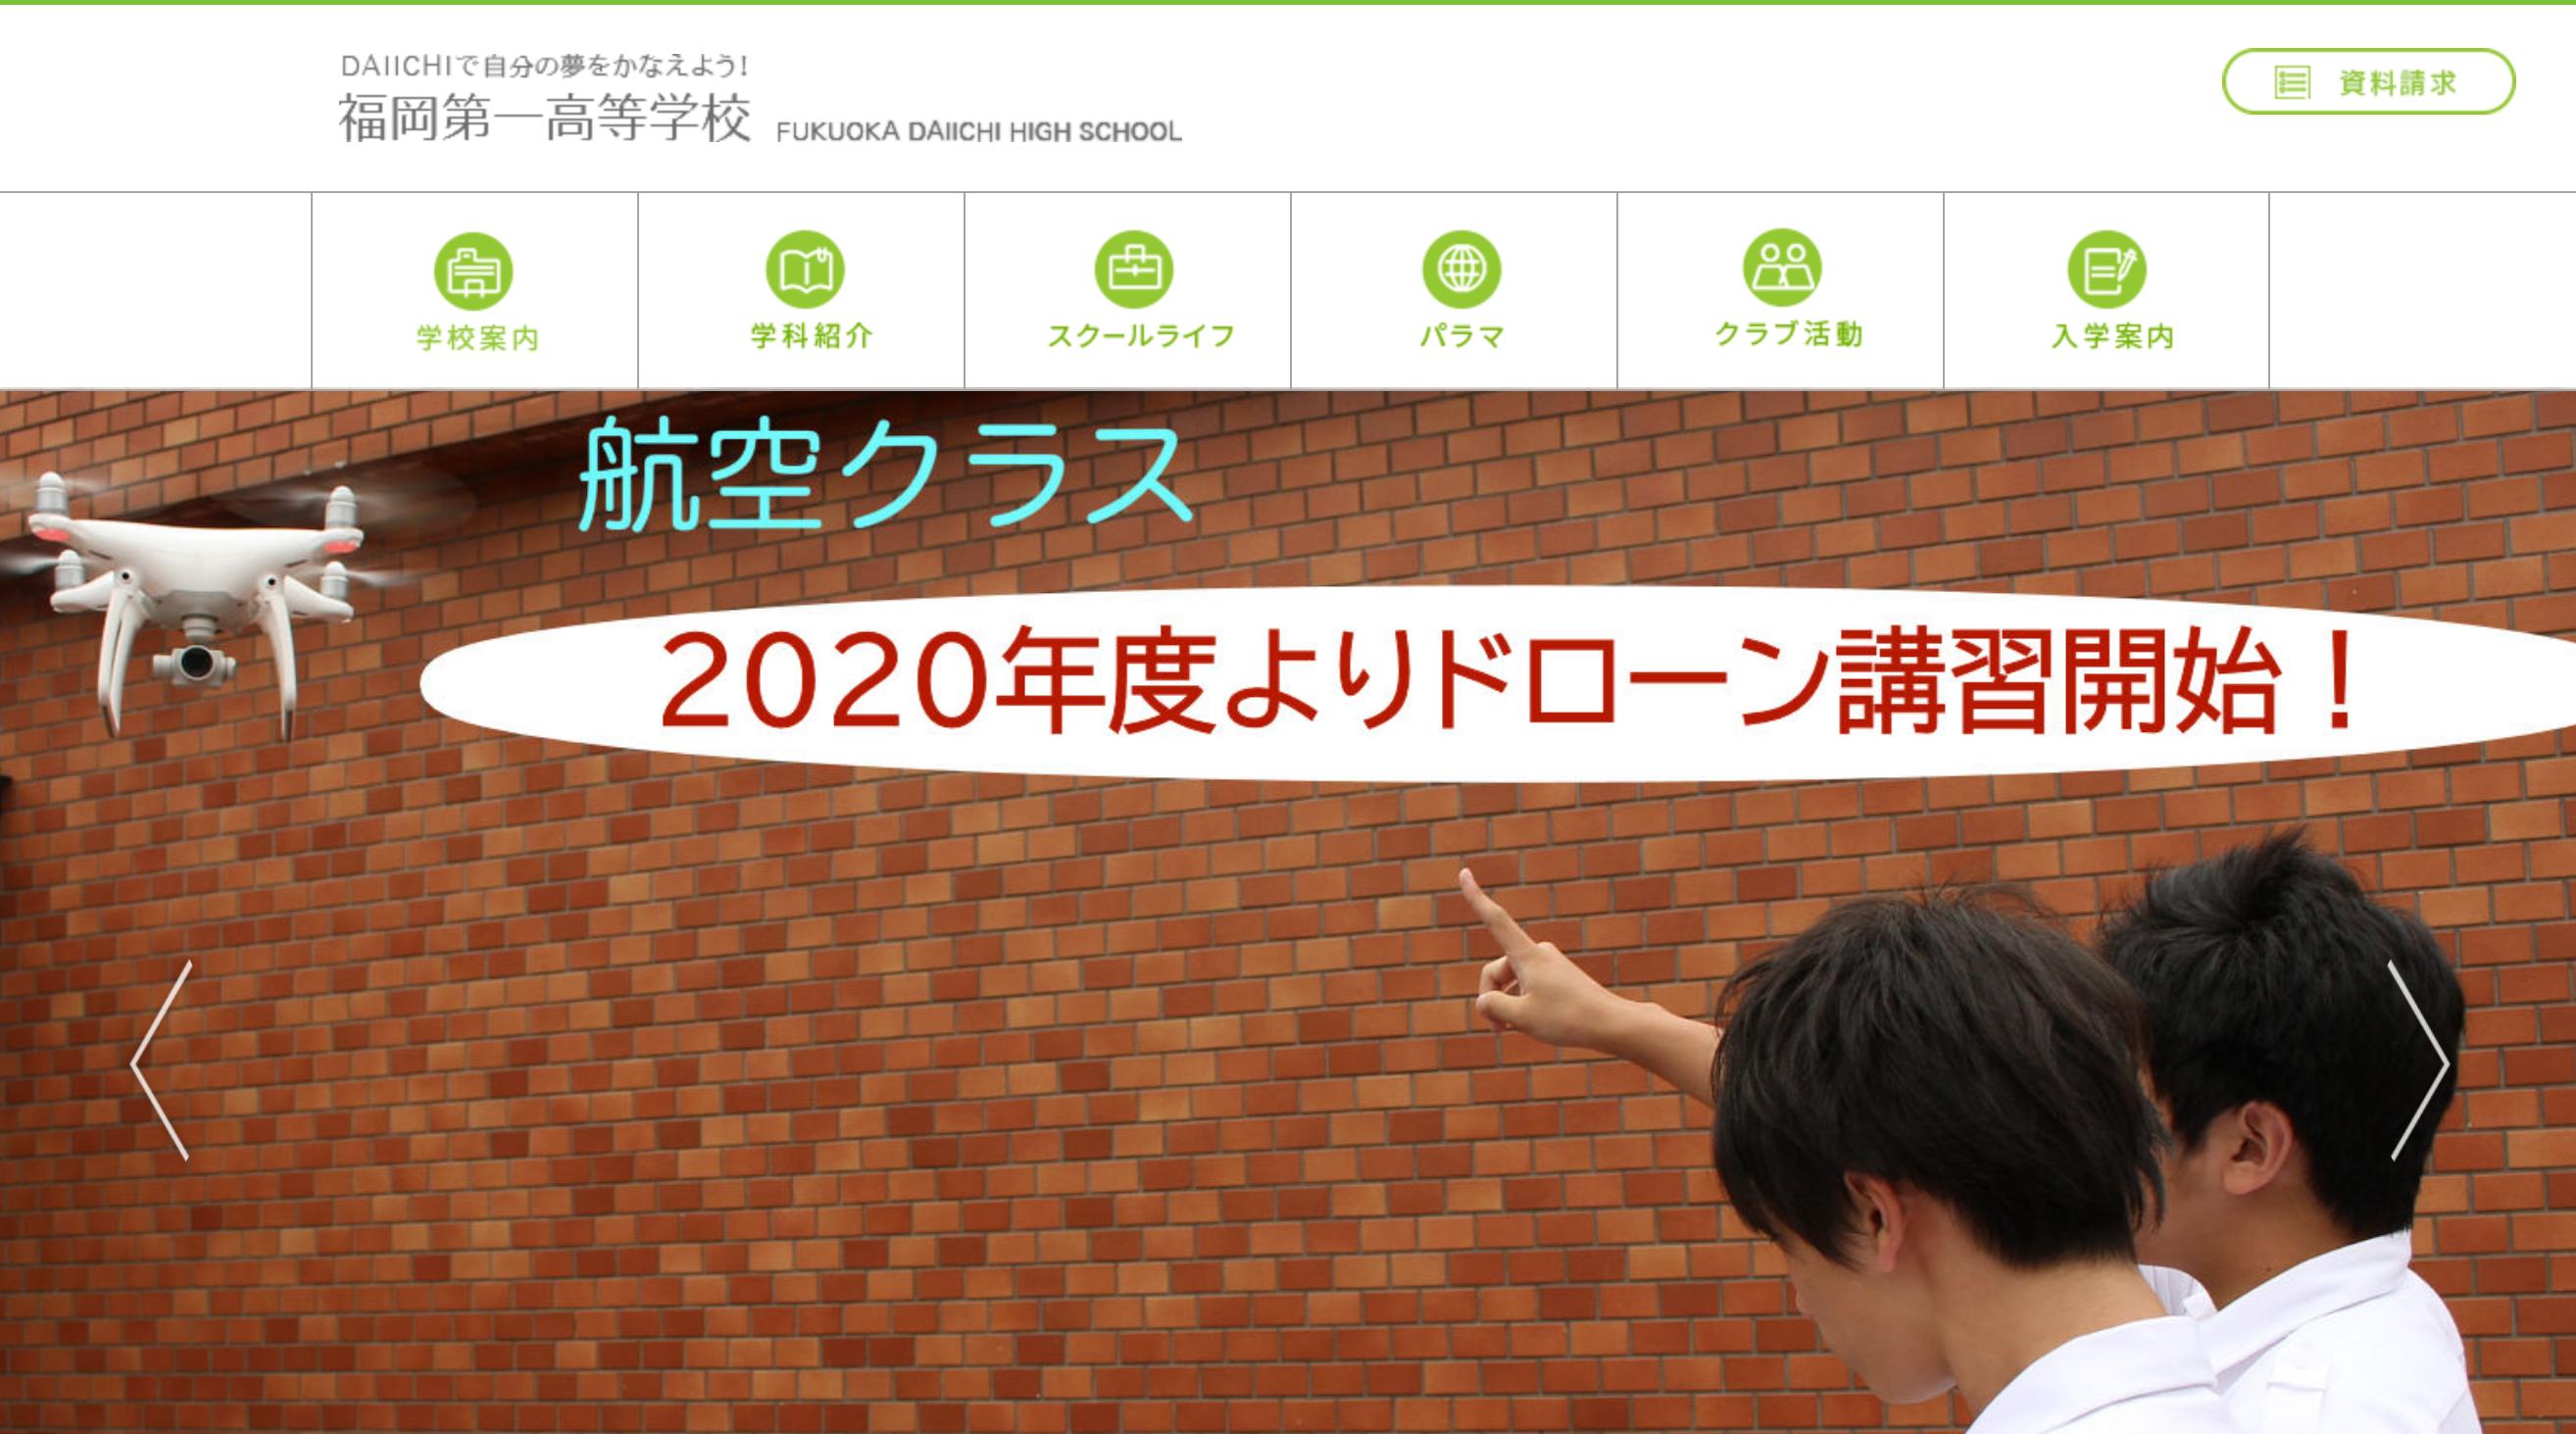 福岡第一高校の口コミ・評判